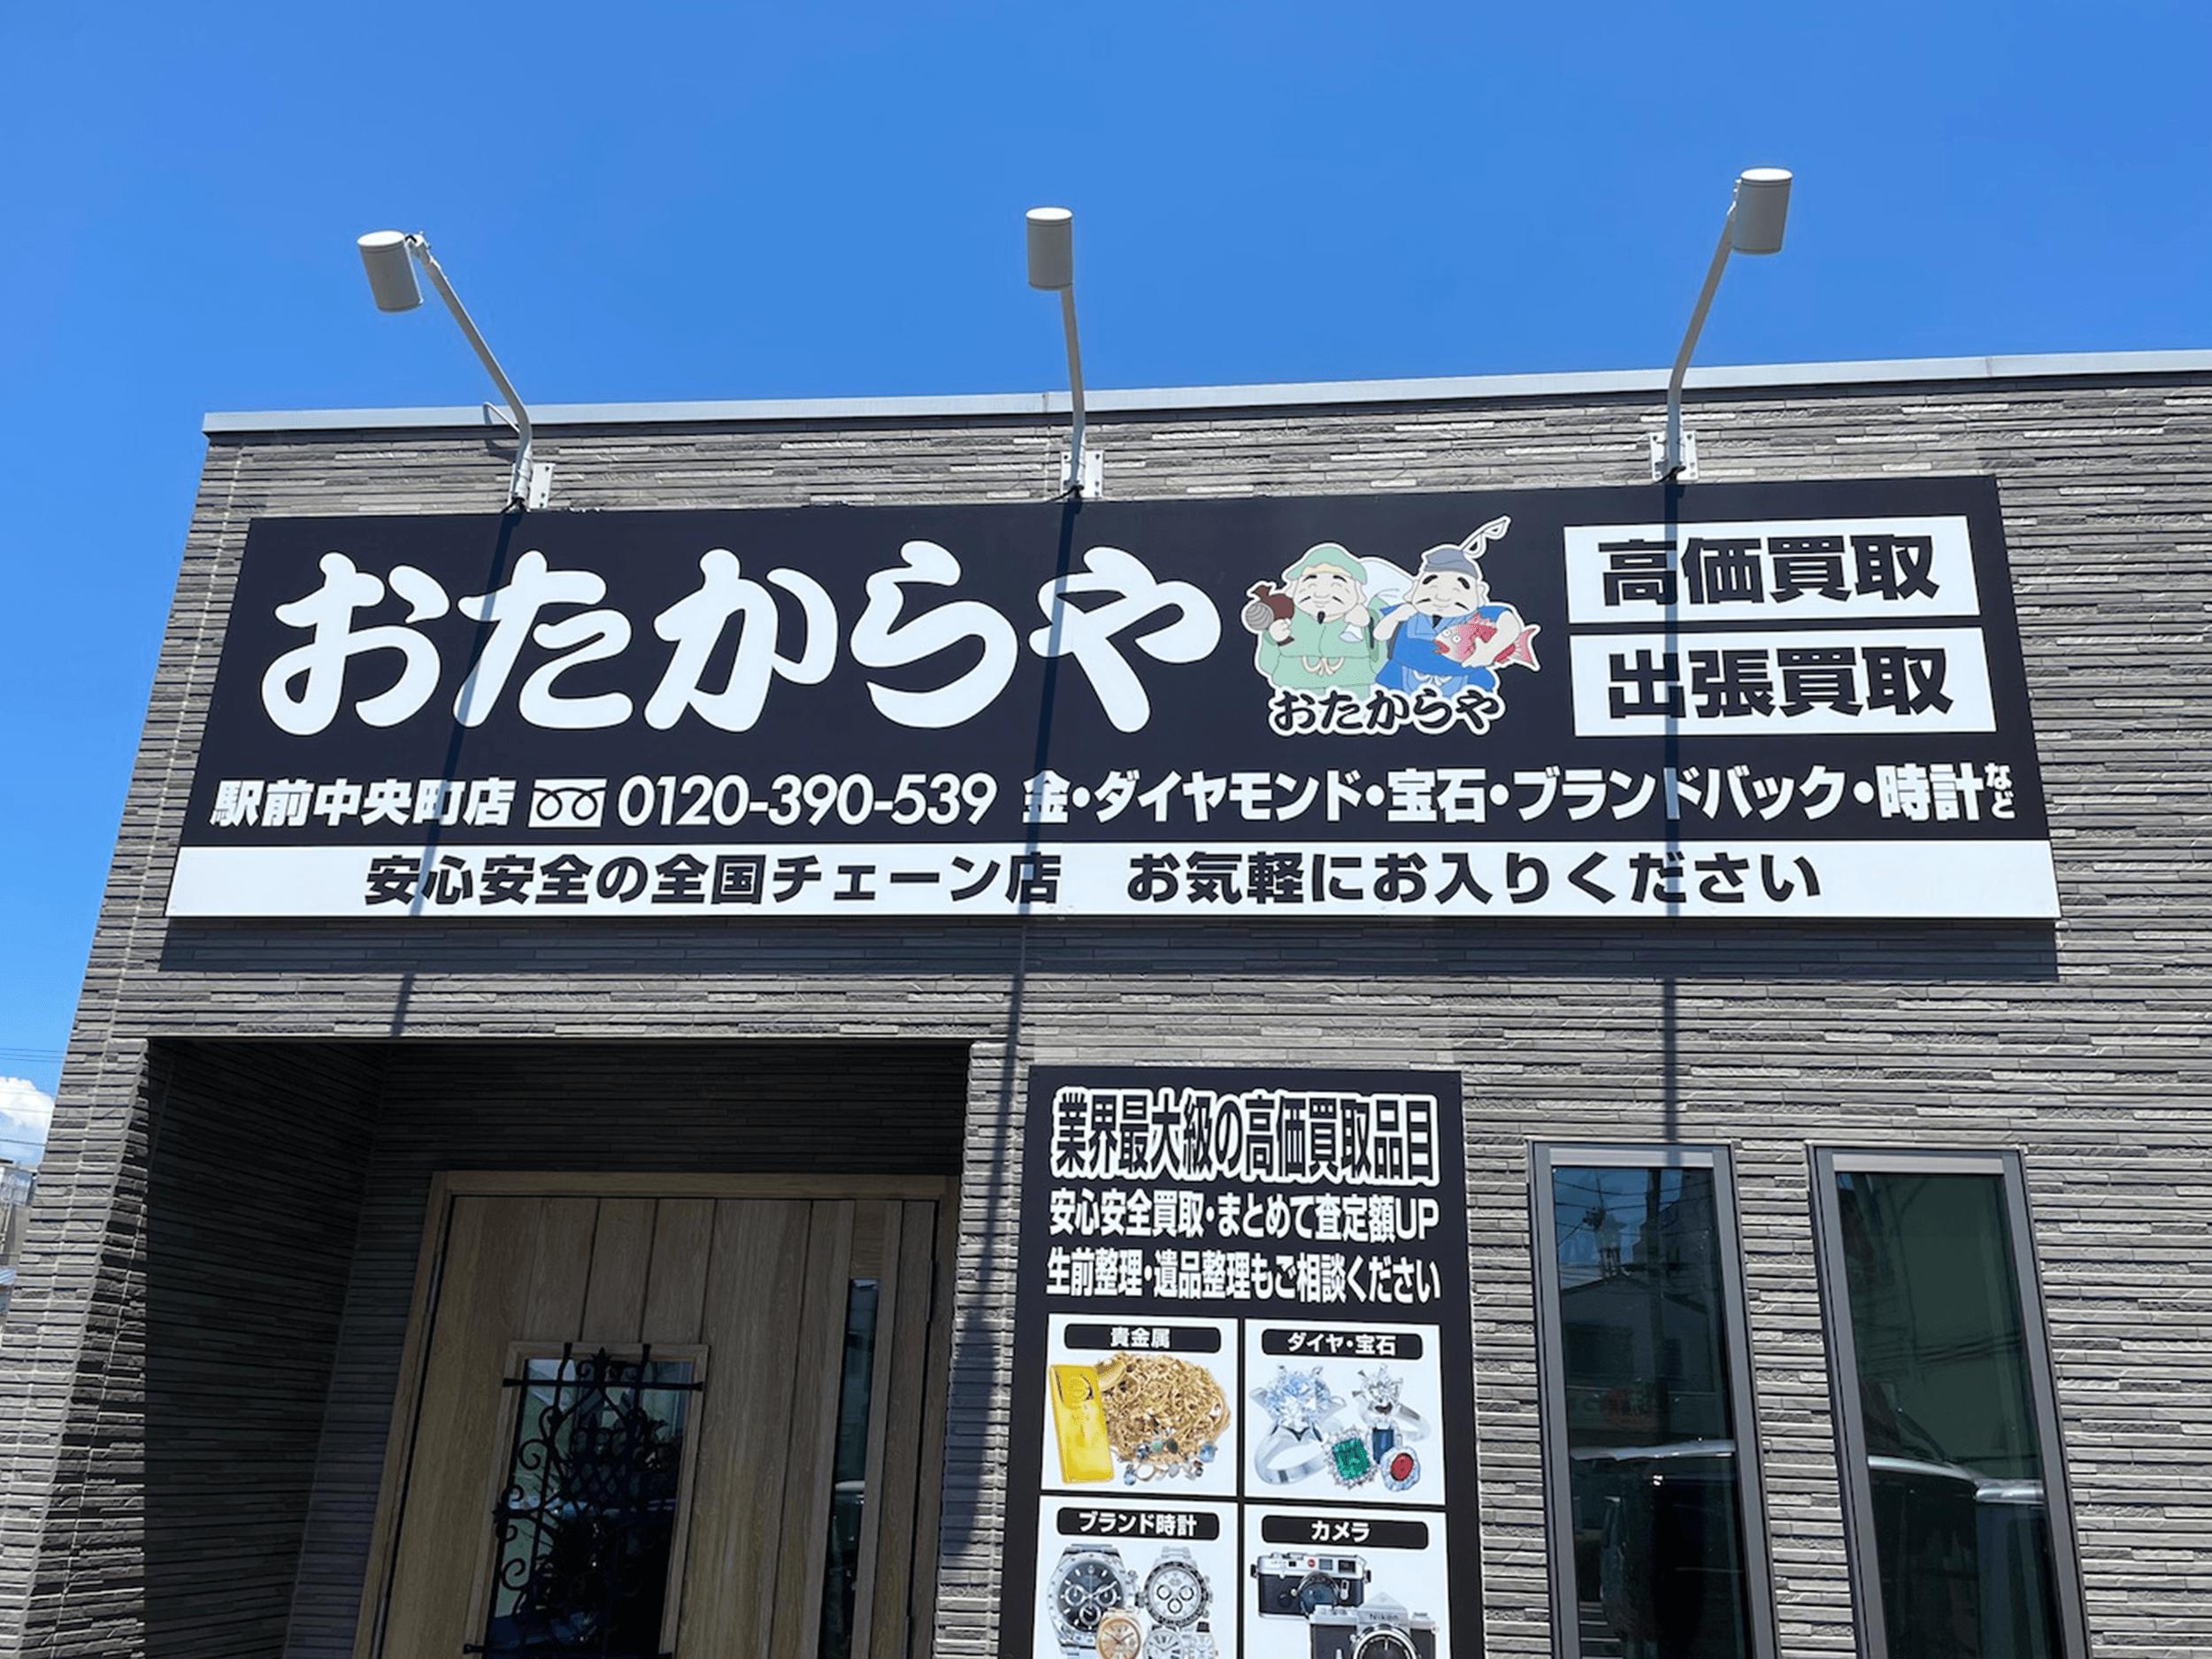 ファサード・壁面看板施工事例写真 静岡県 店舗の看板と道沿いの看板の施工をお願い!